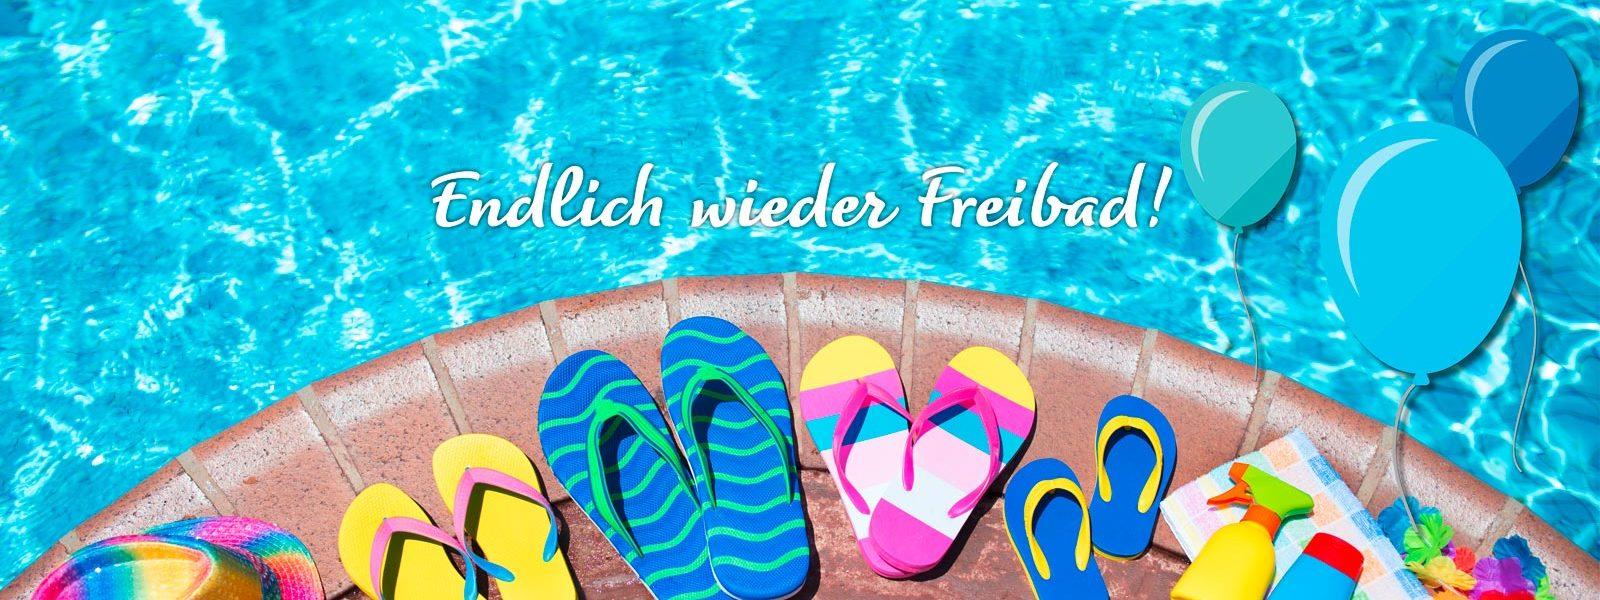 Bereit für die Freibadsaison 2019!